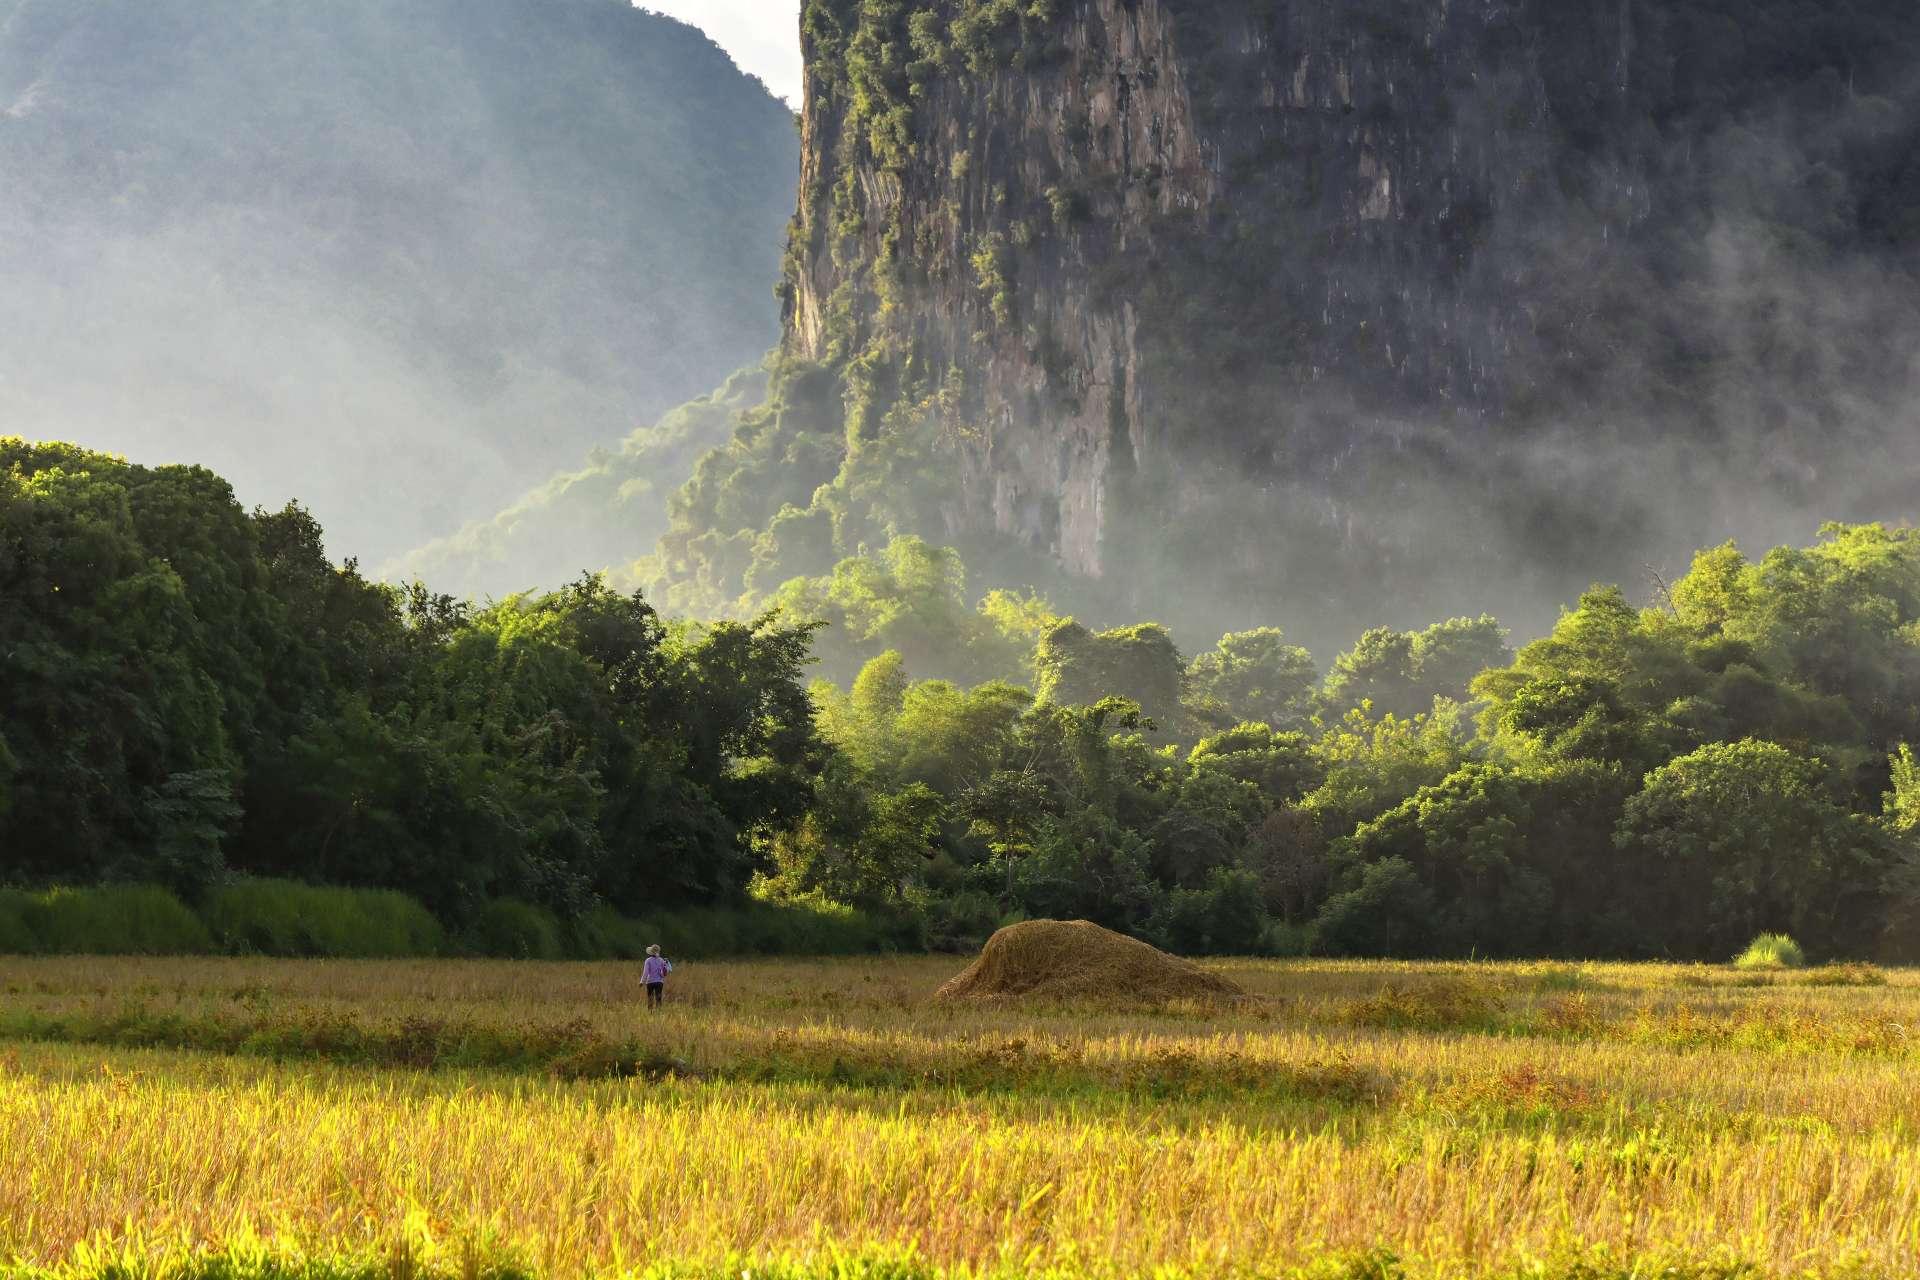 2020-10-kambodscha-laos_munding-diashows_020